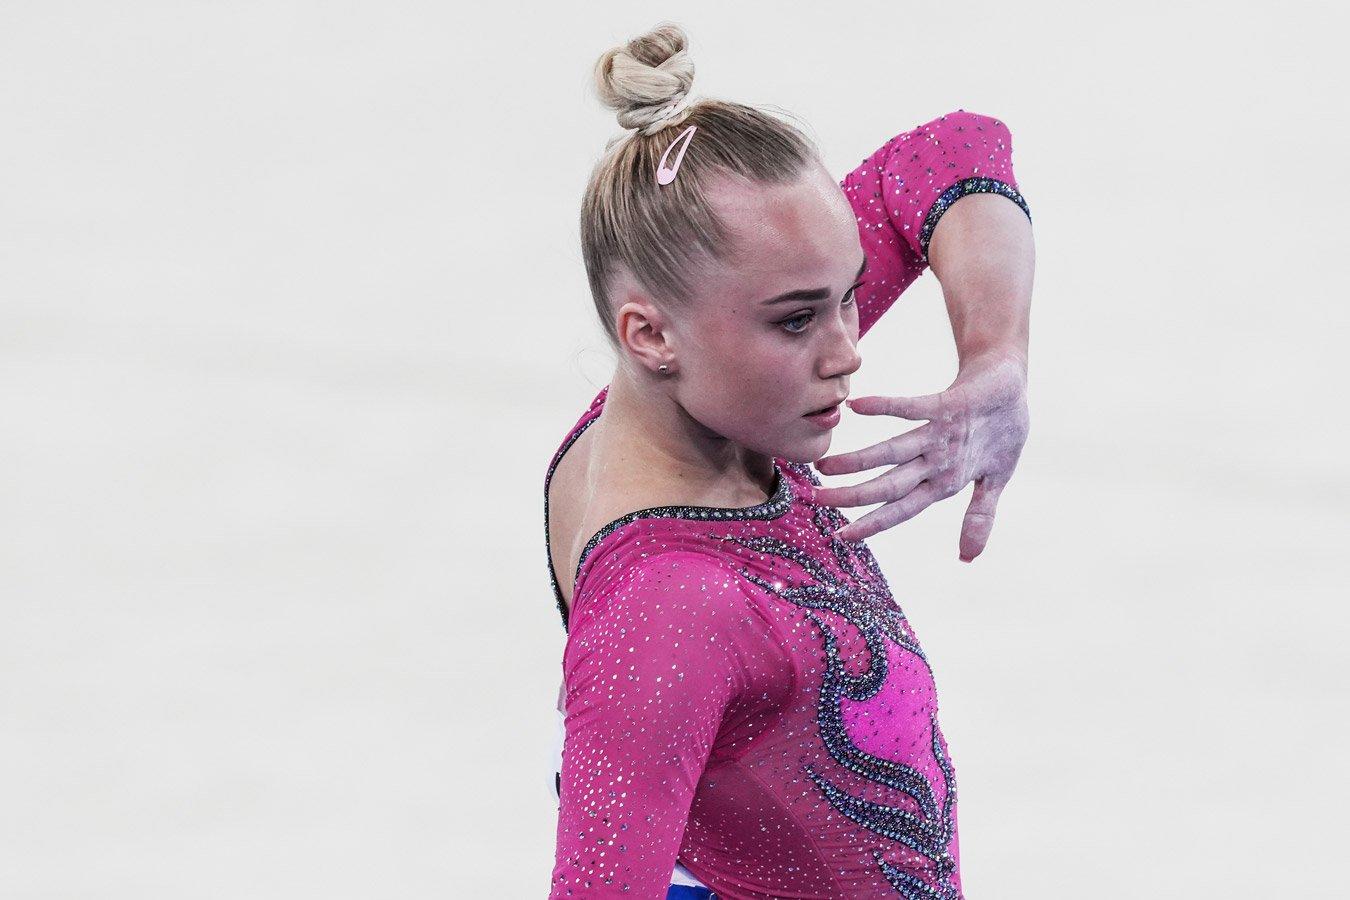 Российская гимнастка Ангелина Мельникова стала пятой в опорном прыжке на Олимпиаде в Токио